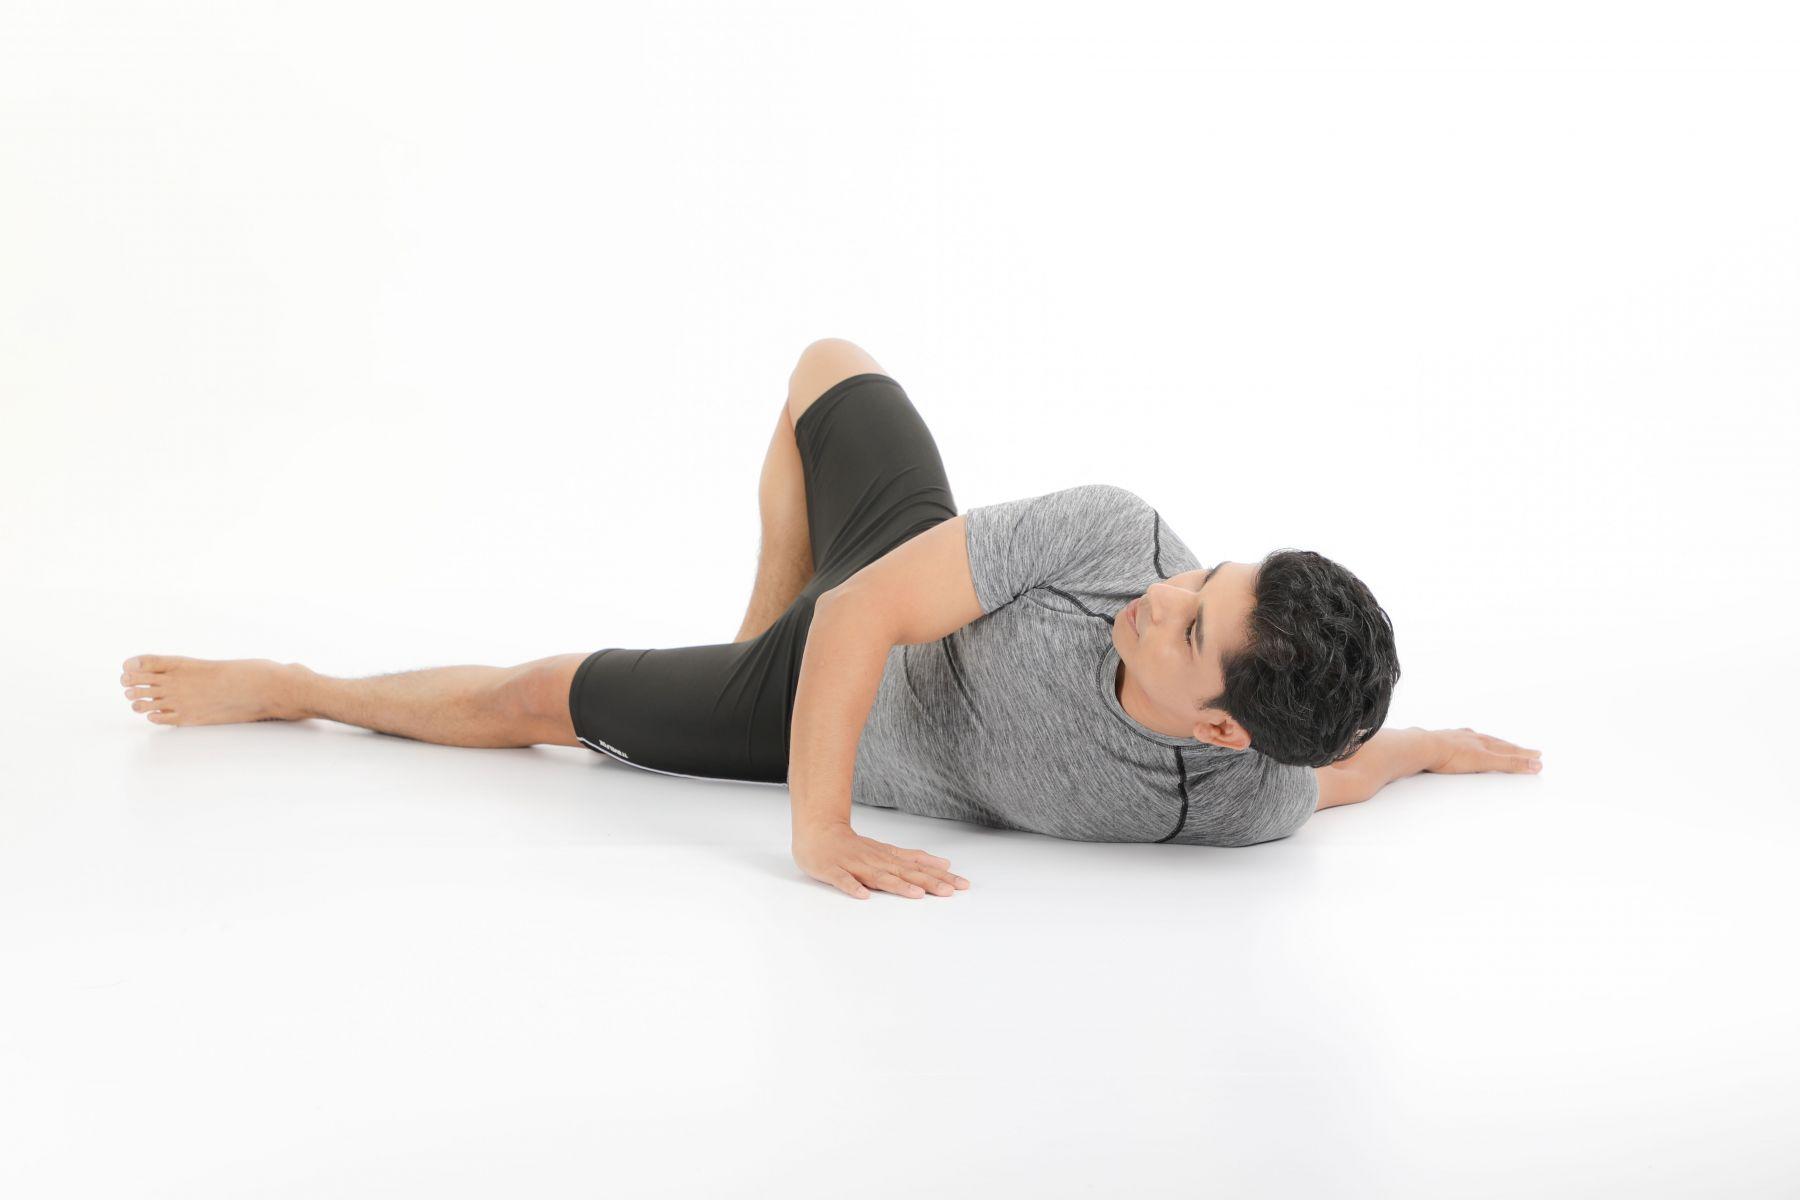 將右手掌放在右肩下,以右手支撐將右邊身體往左邊翻轉,保持左臂延展伸長。